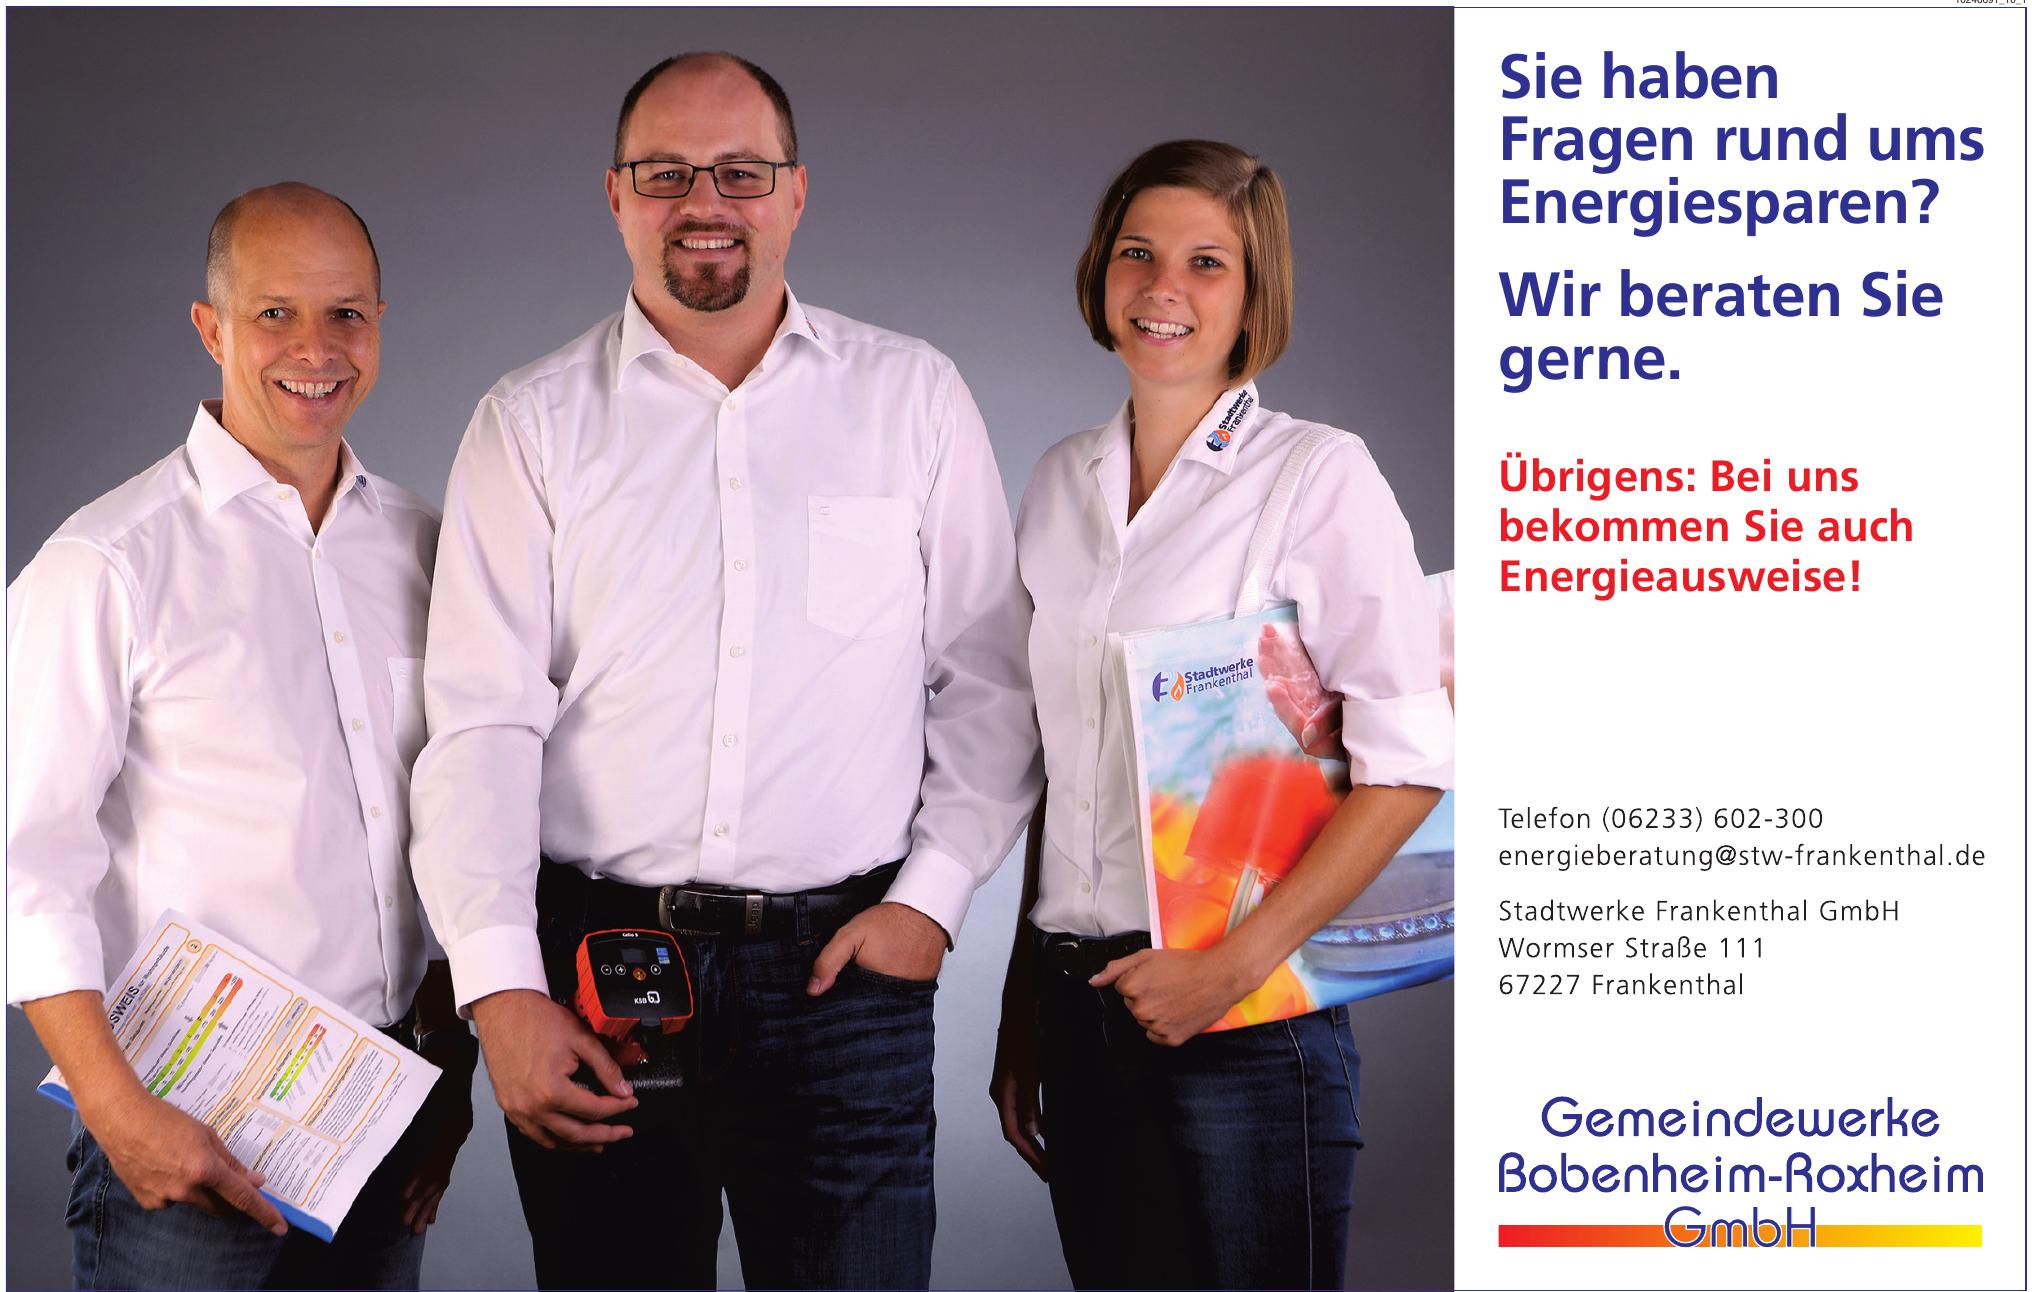 Gemeindewerke Bobenheim-Roxheim GmbH